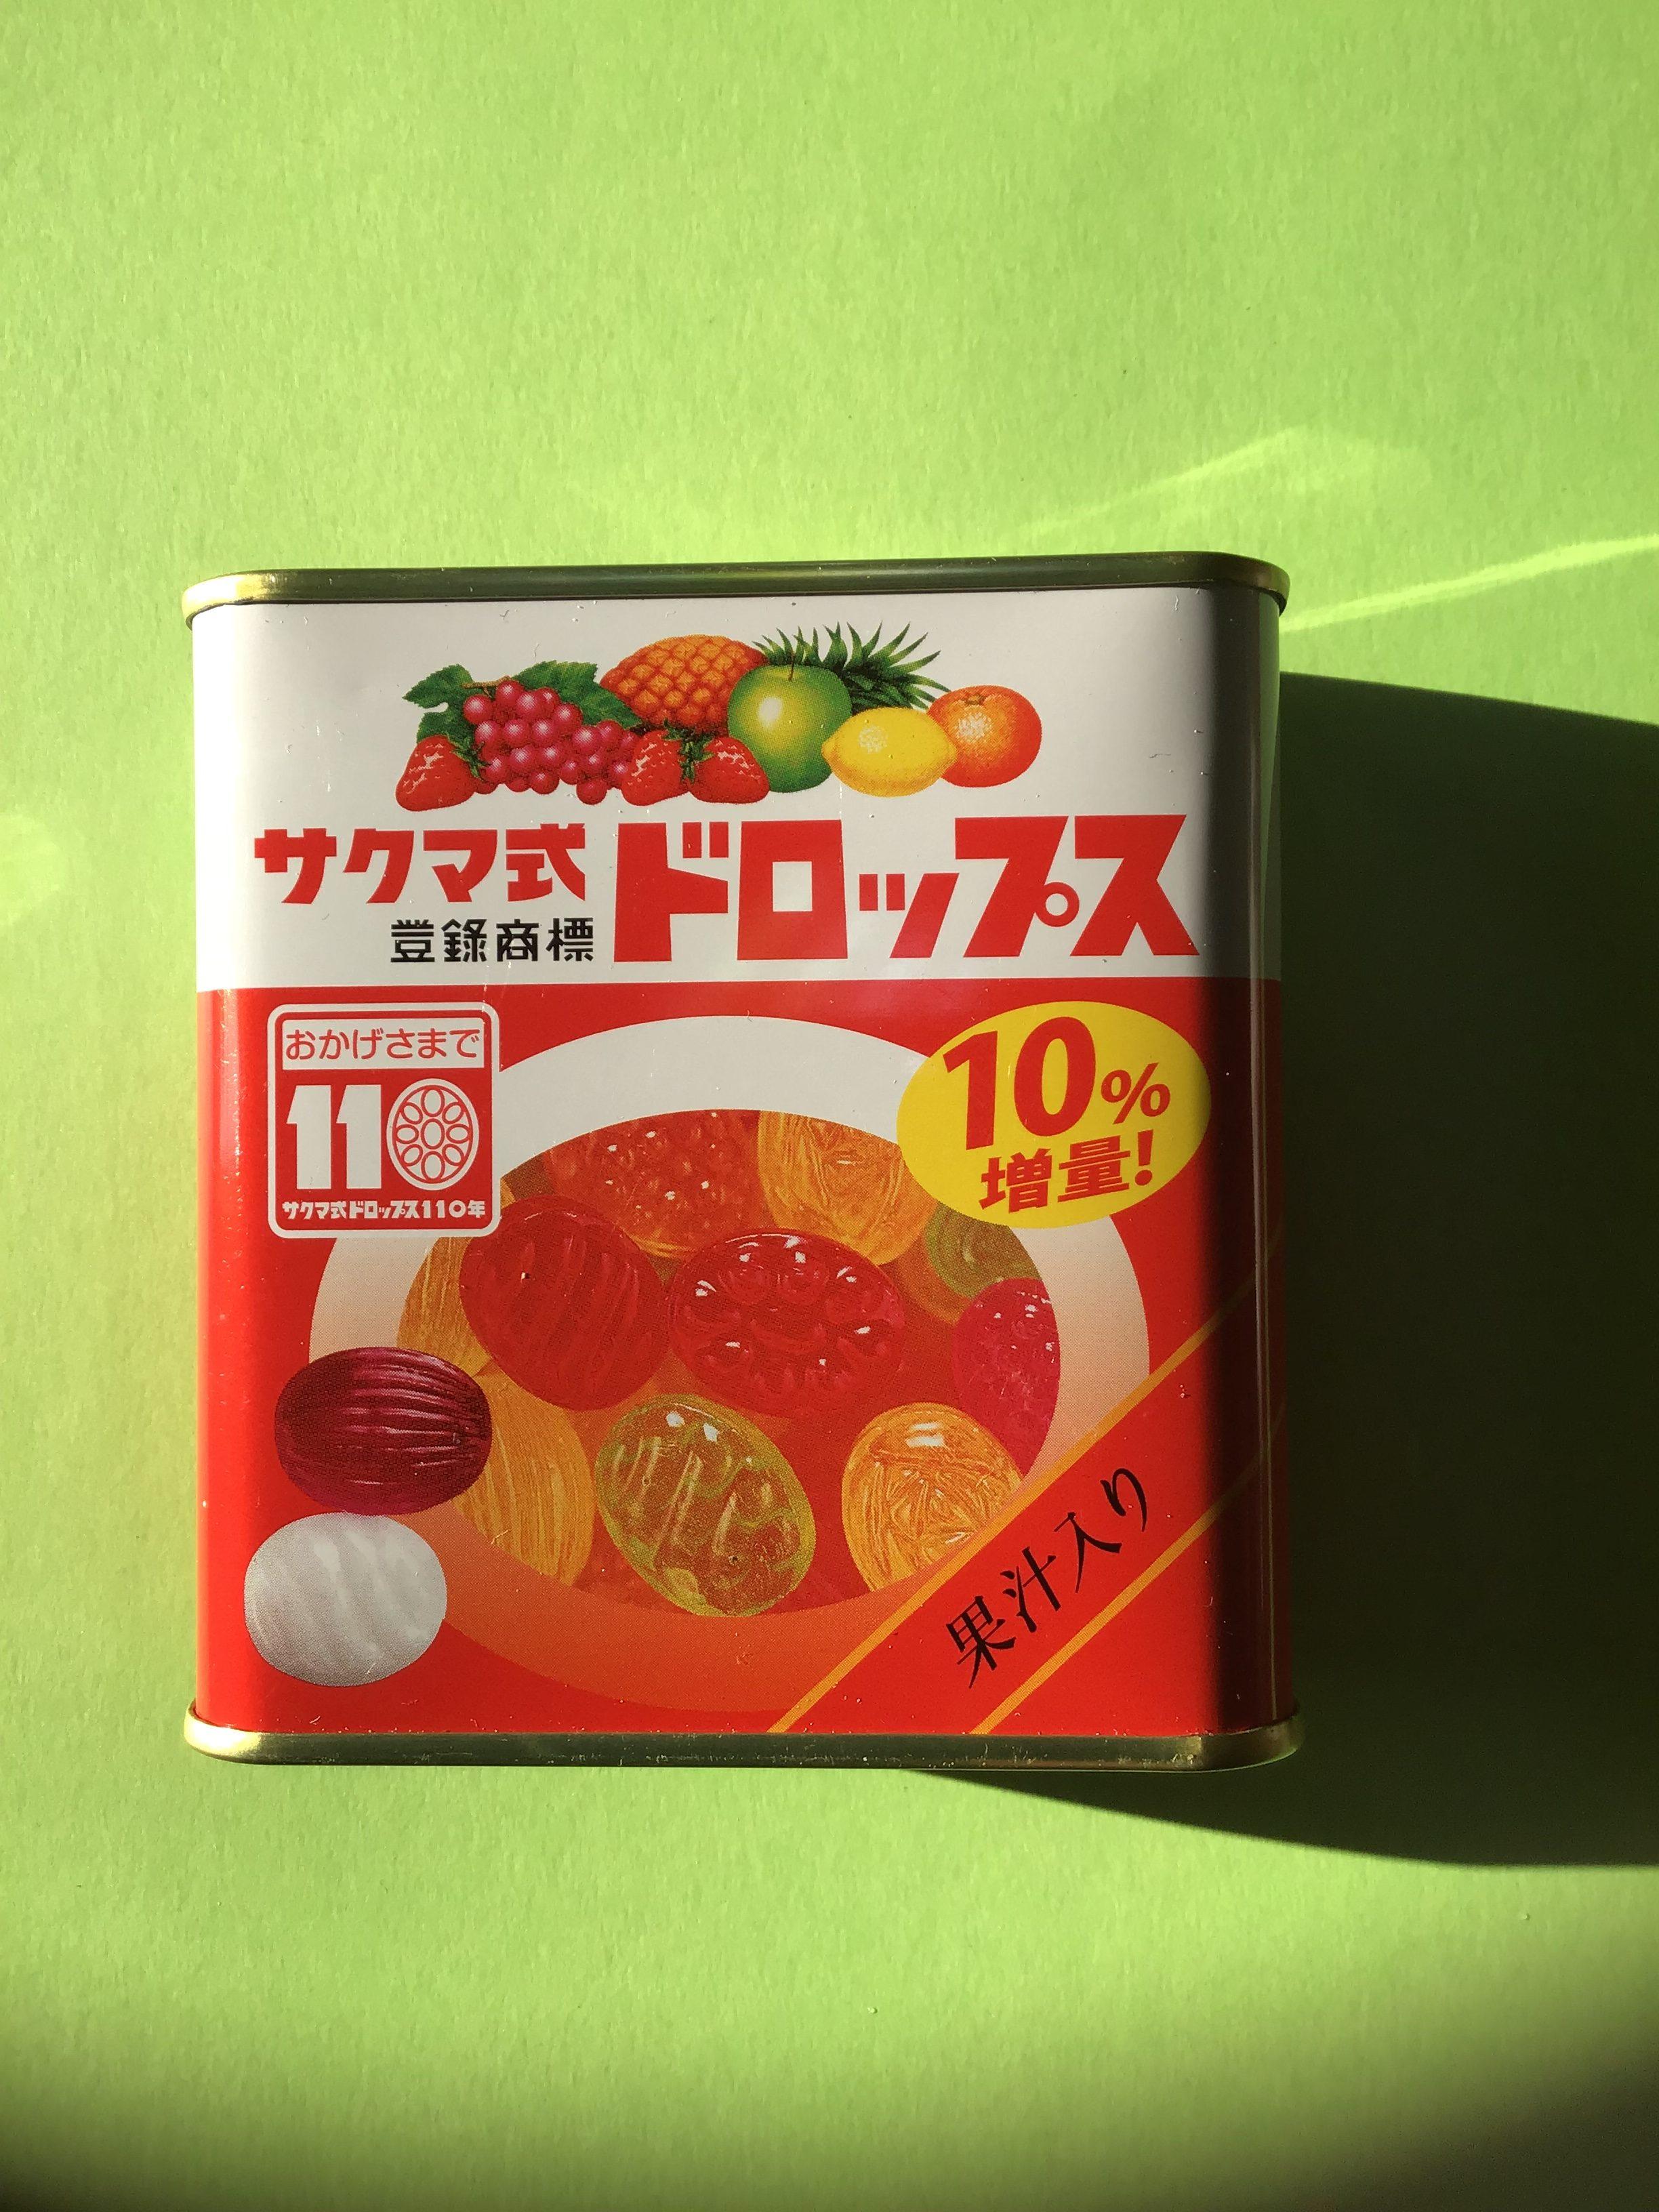 Sakuma's DROPS candy